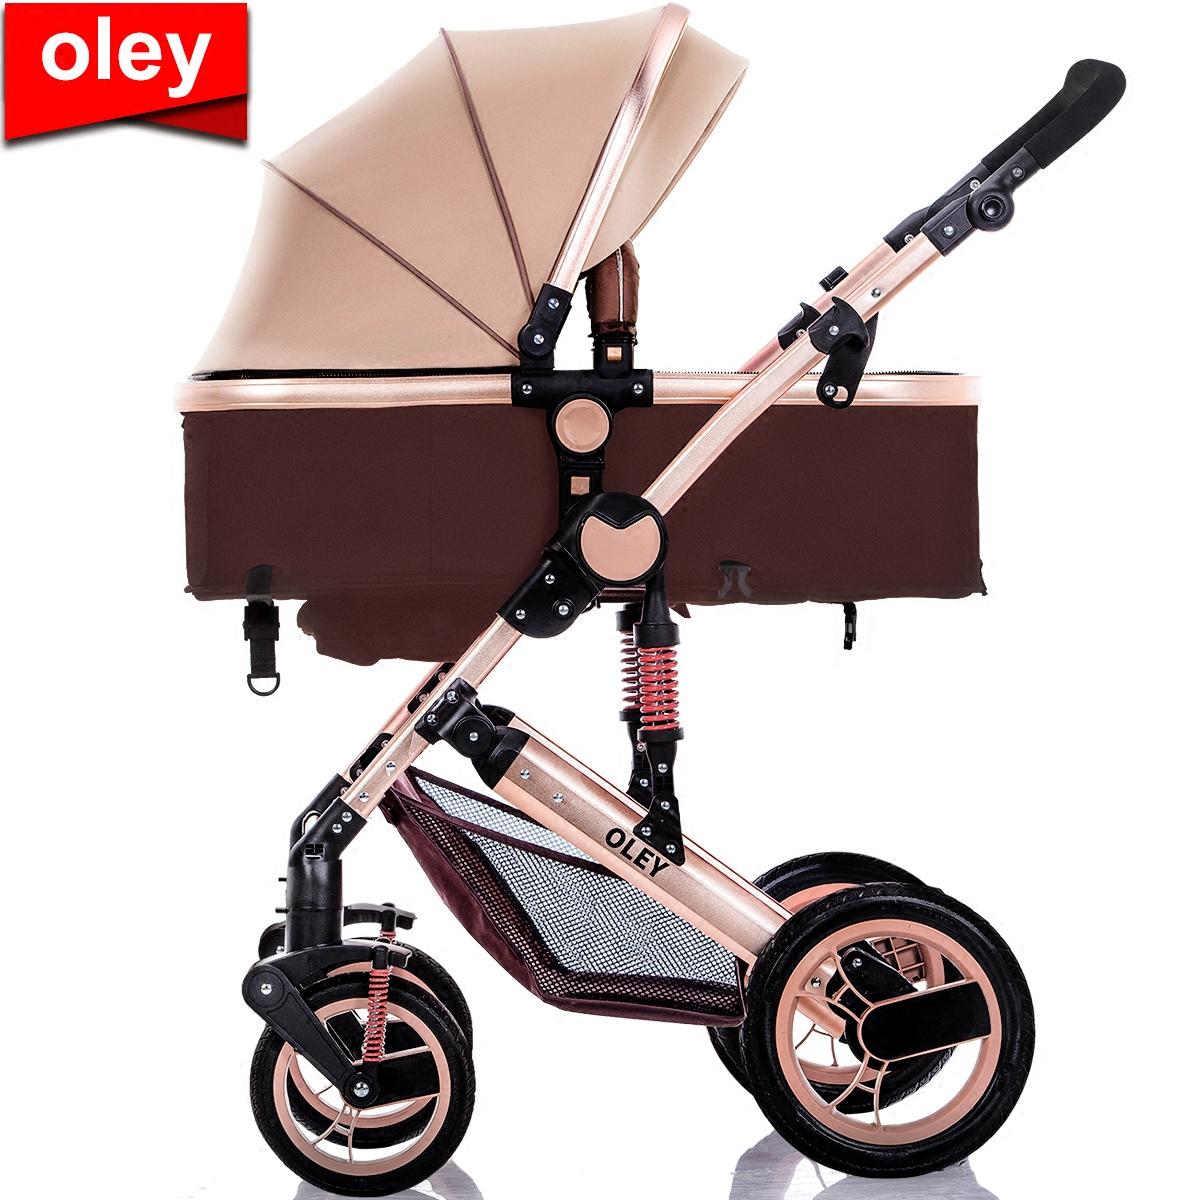 Четырёхколёсная коляска Oley